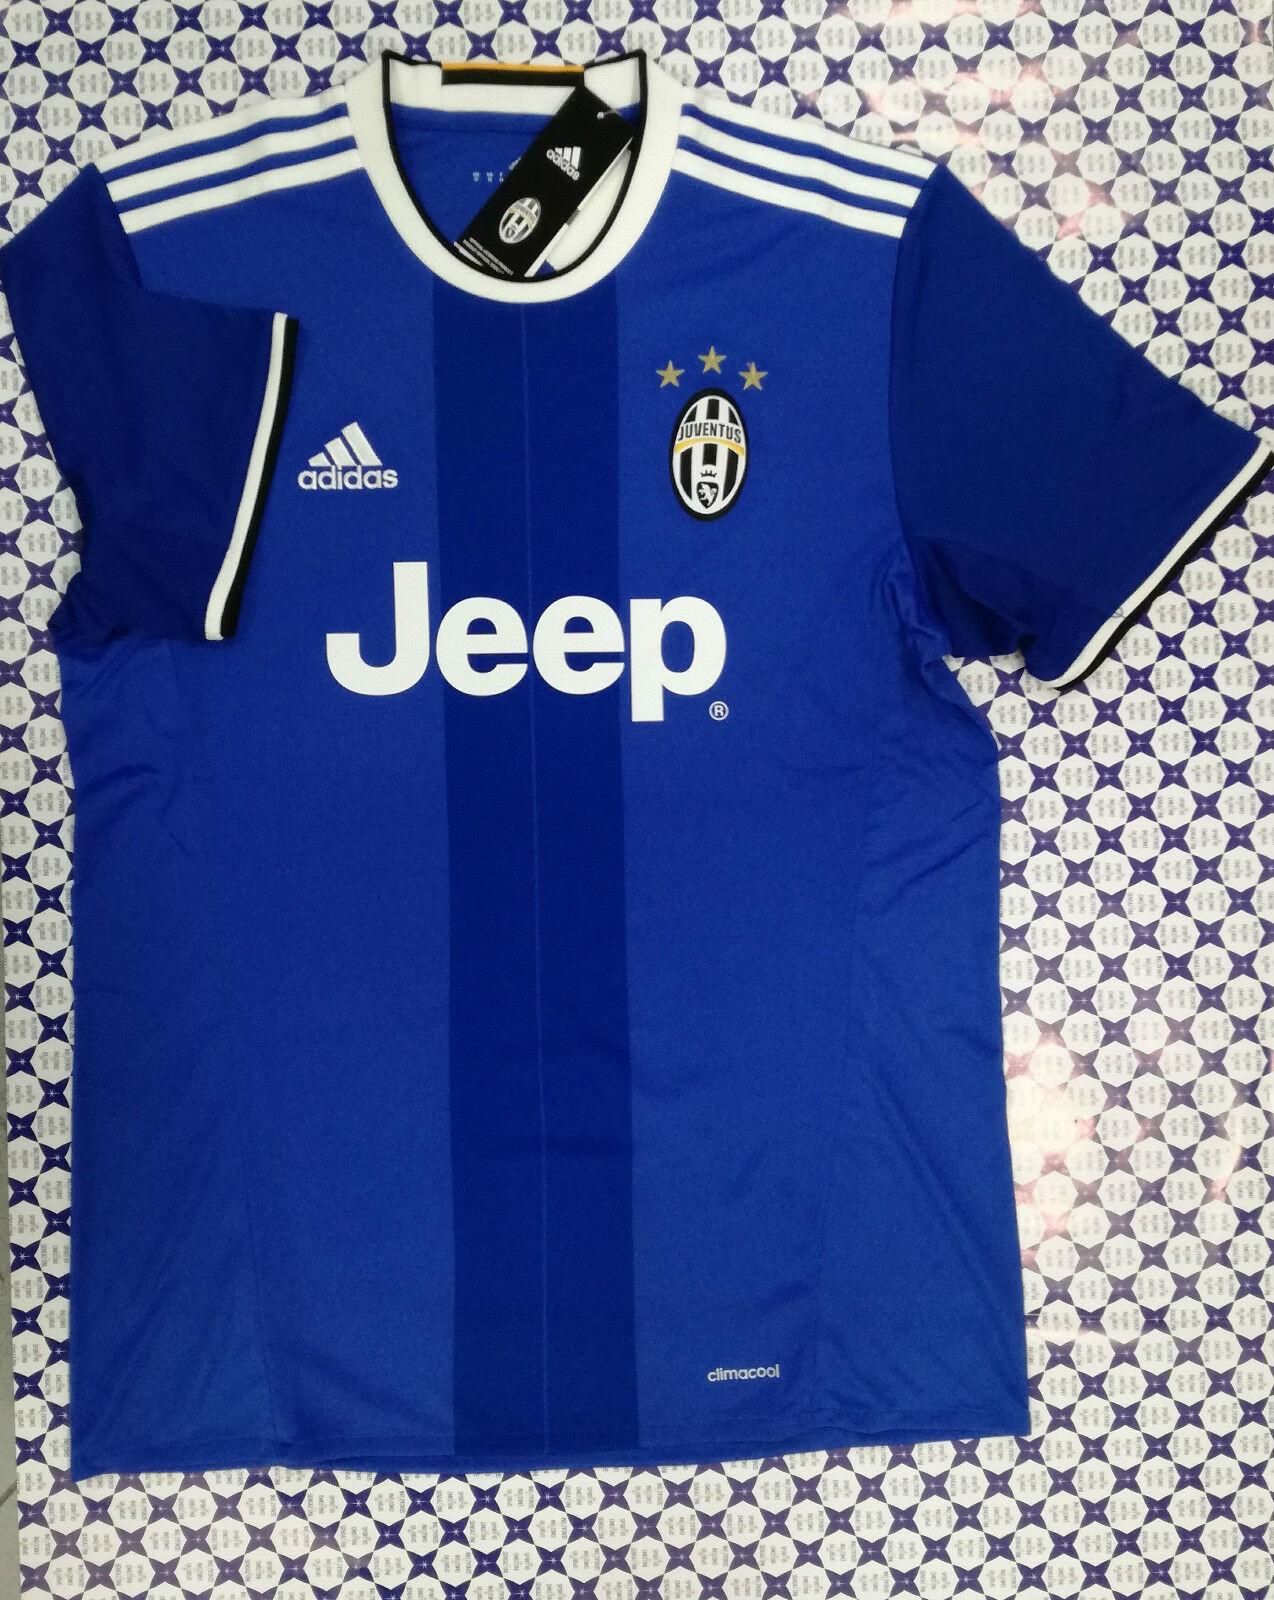 Adidas Juventus --  Maglia Away T-shirt ufficiale juve 2016-2017-- AI6226  796  Todo en alta calidad y bajo precio.